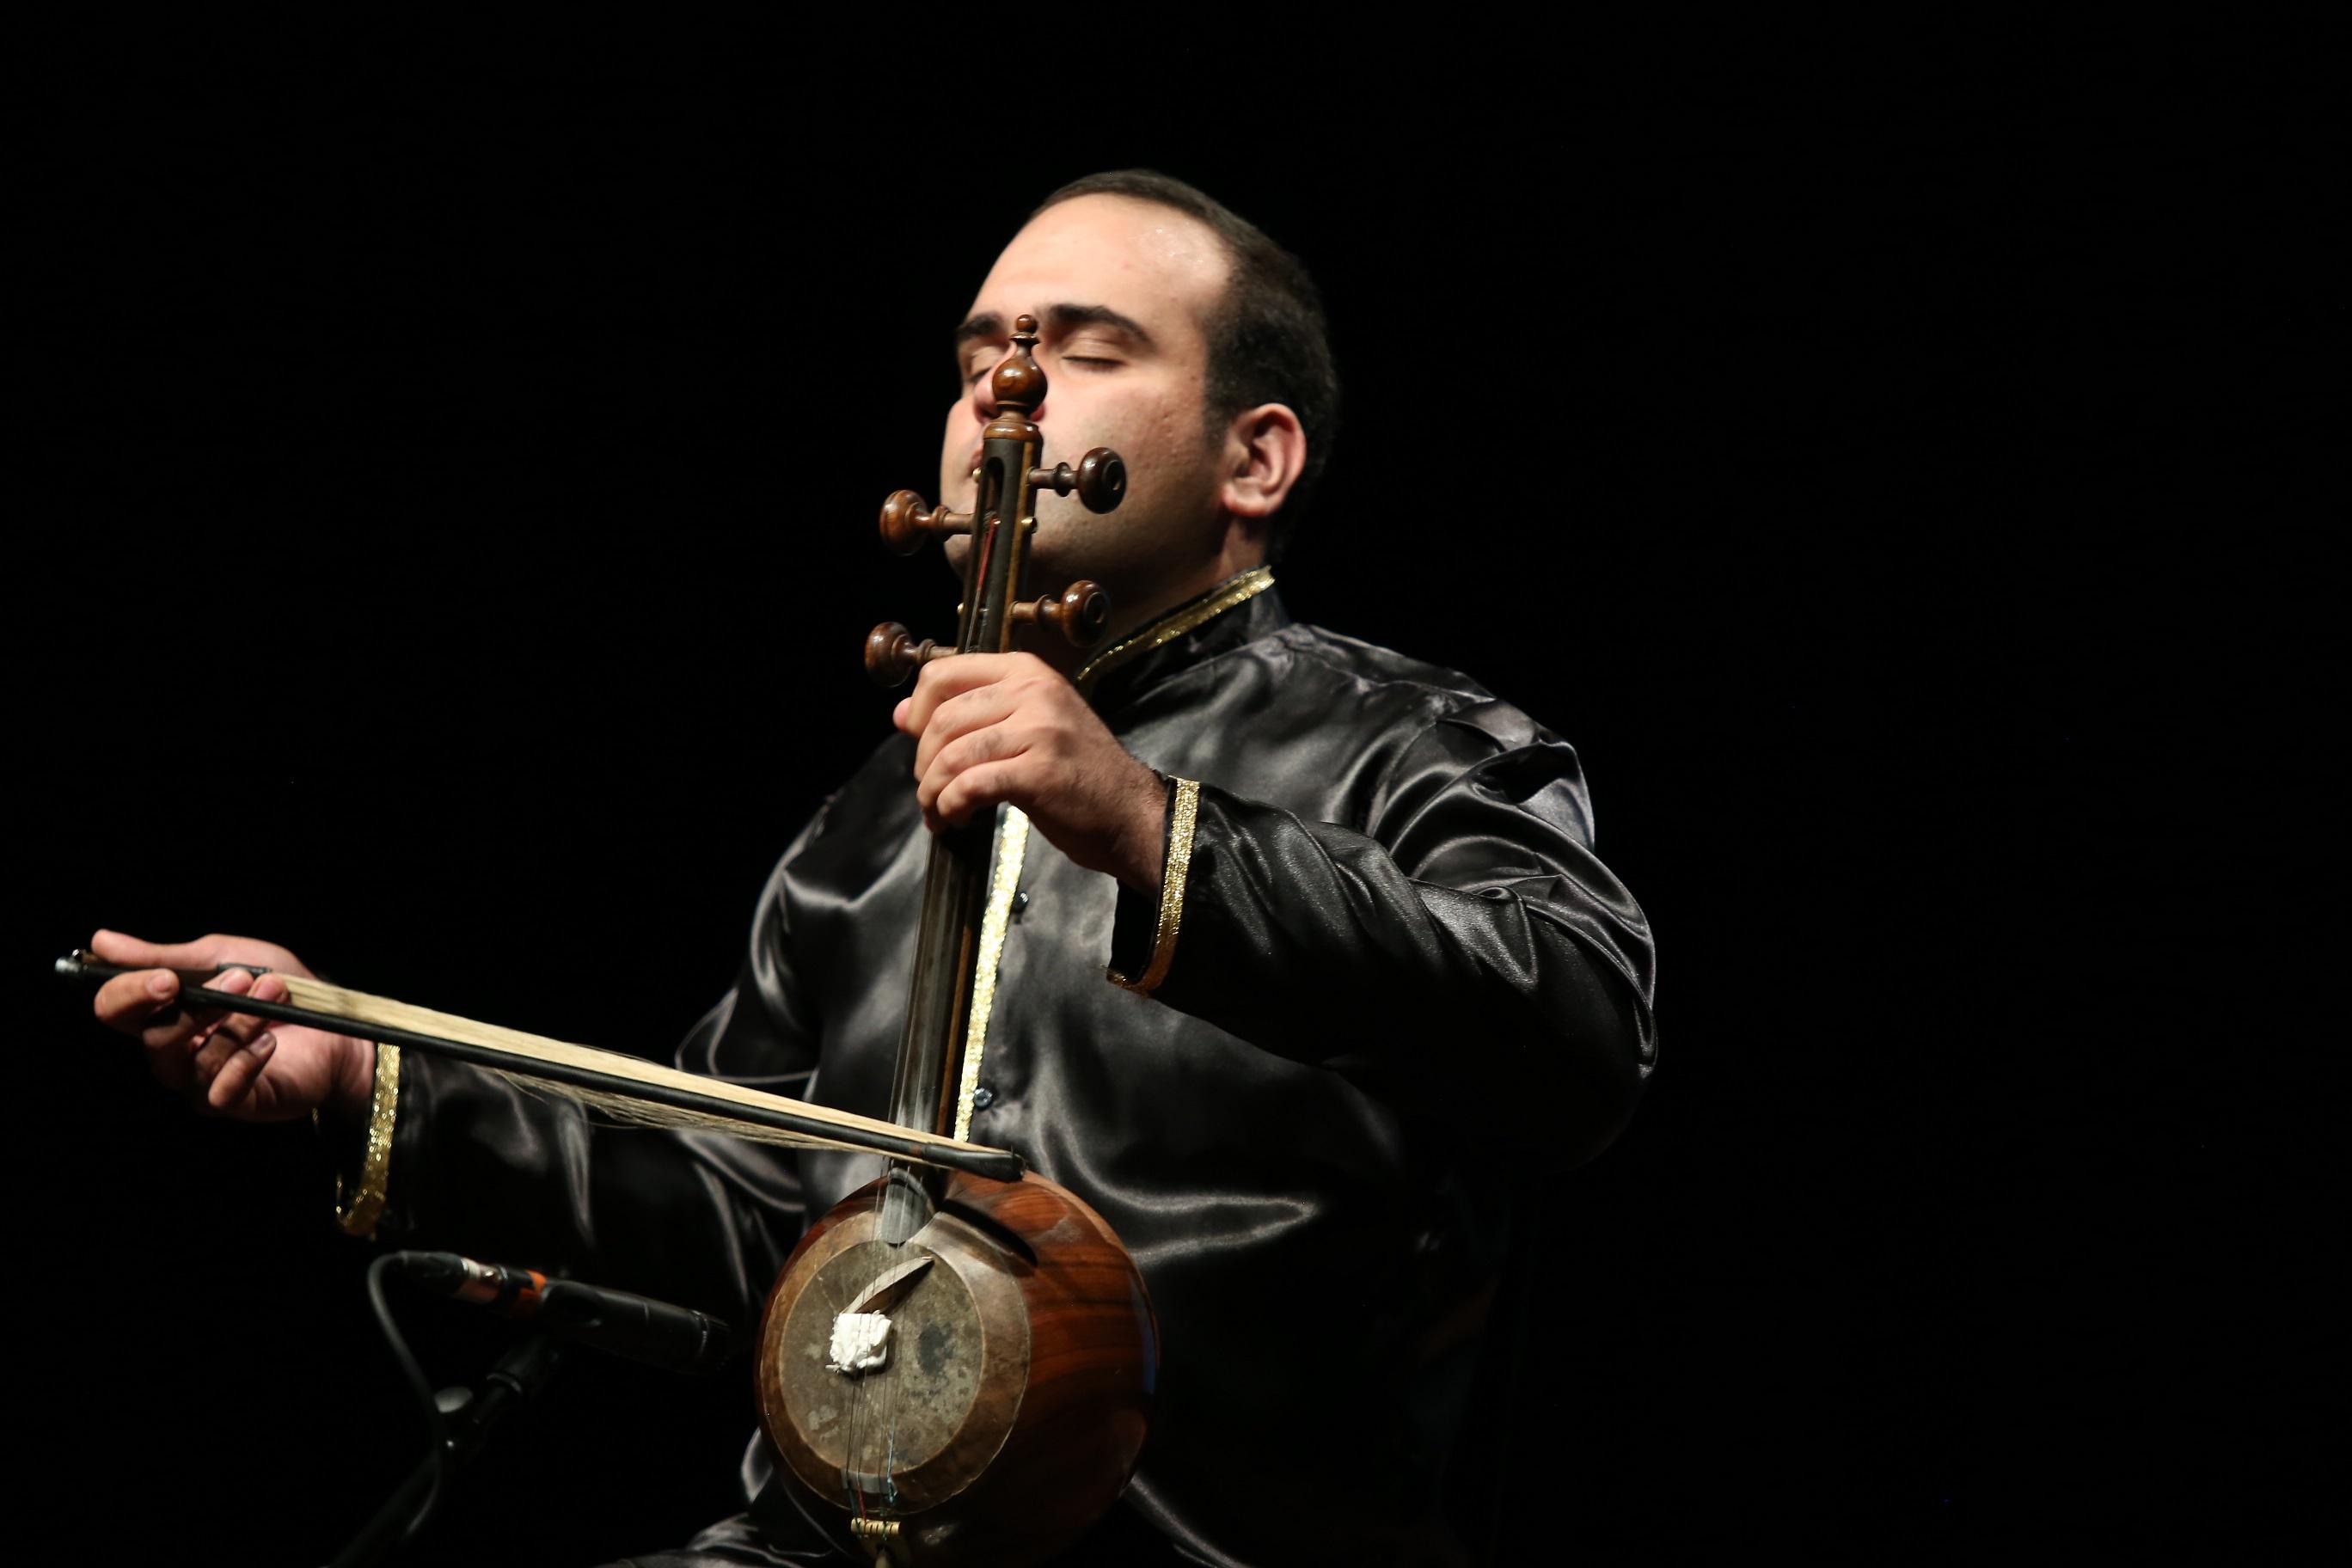 باشگاه خبرنگاران -نوای آذربایجان چراغ اول جشنواره موسیقی جوان را روشن کرد